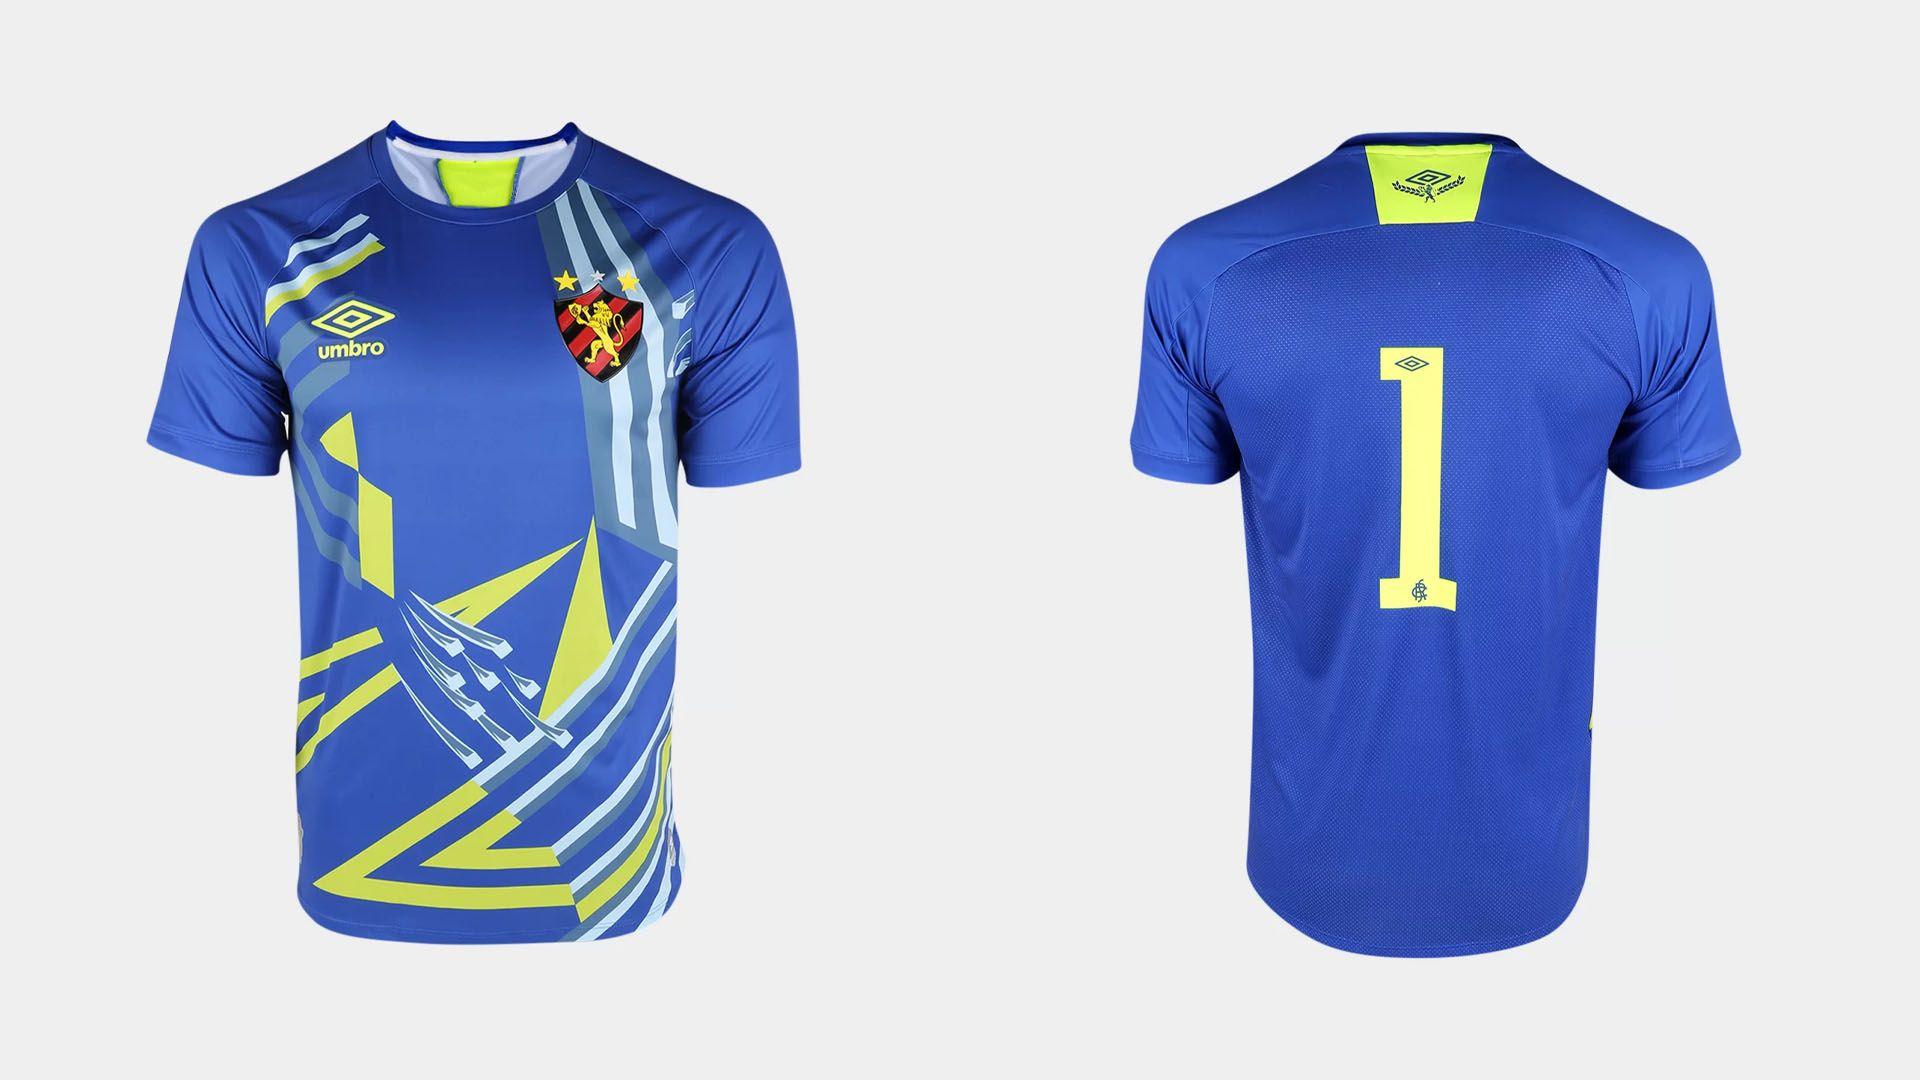 Camisa do Sport 2020 Umbro Goleiro (Imagem: Divulgação/Umbro)